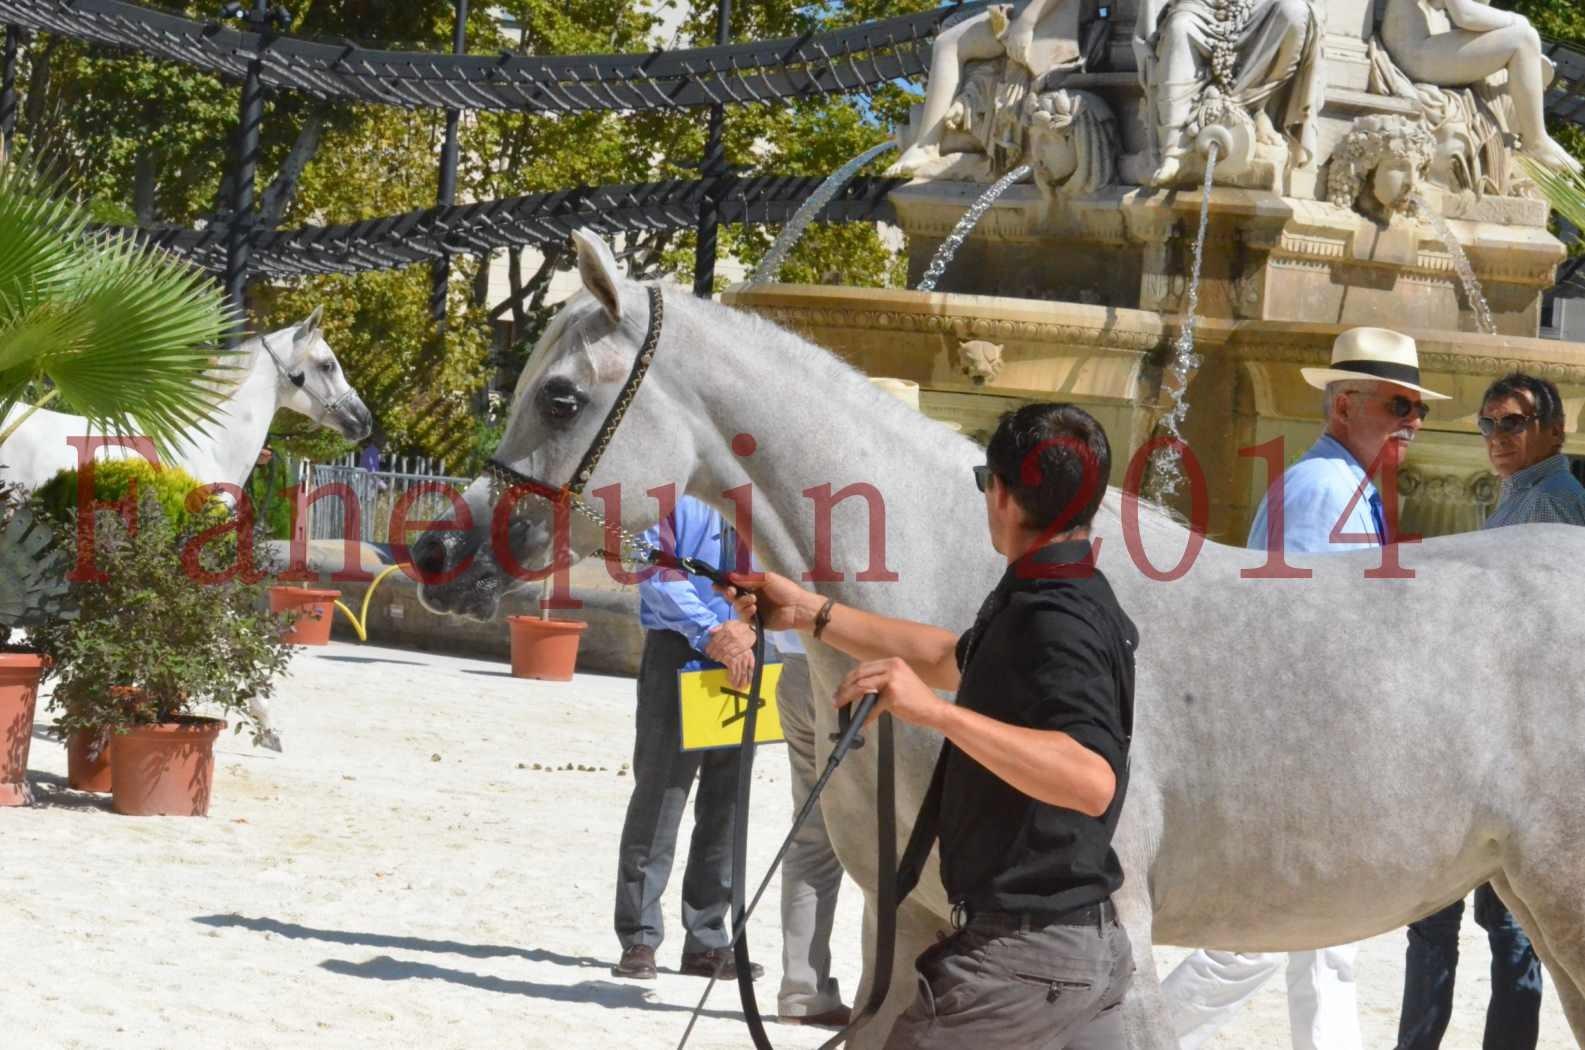 Concours national de Nîmes 2014 - Sélection - VOLODIA DE LAFON - 05